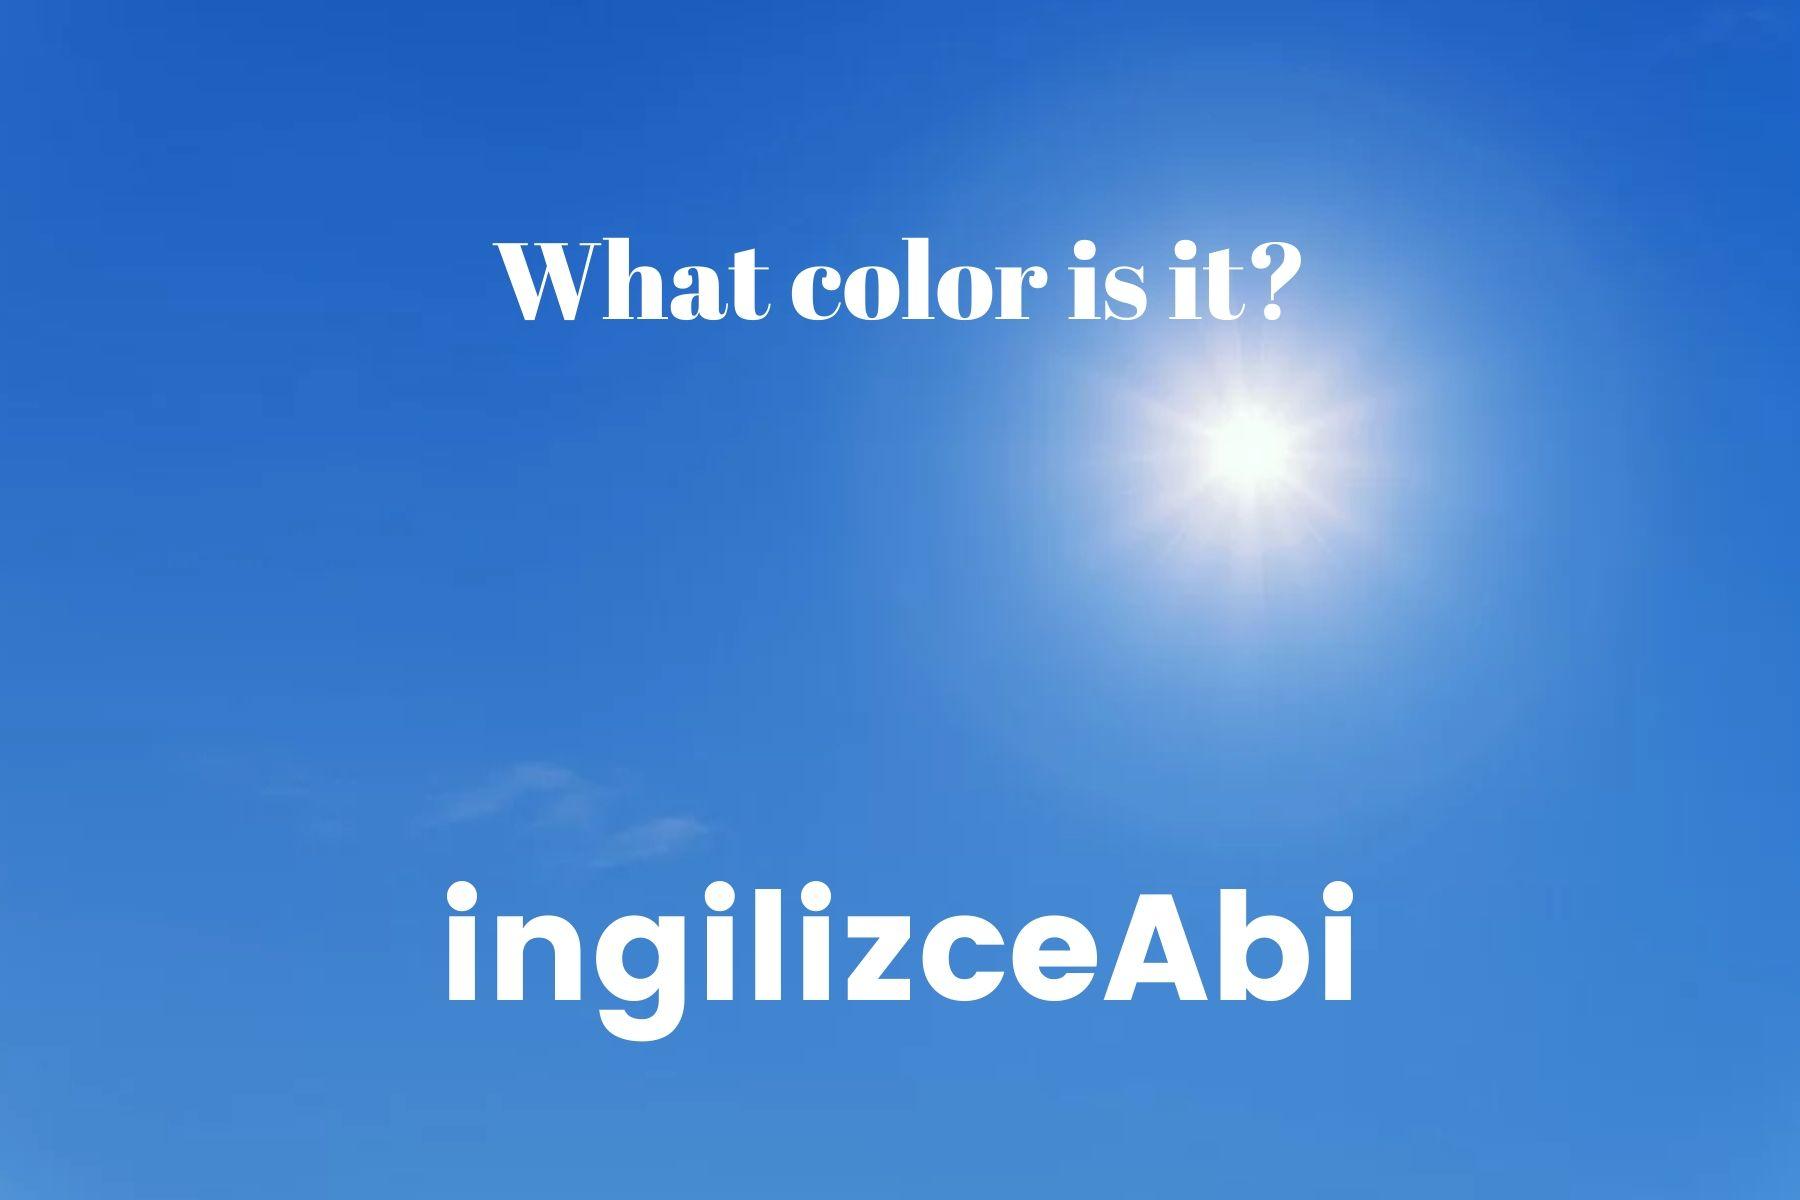 Blue Color - - ingilizce renkler - ingilizceabi